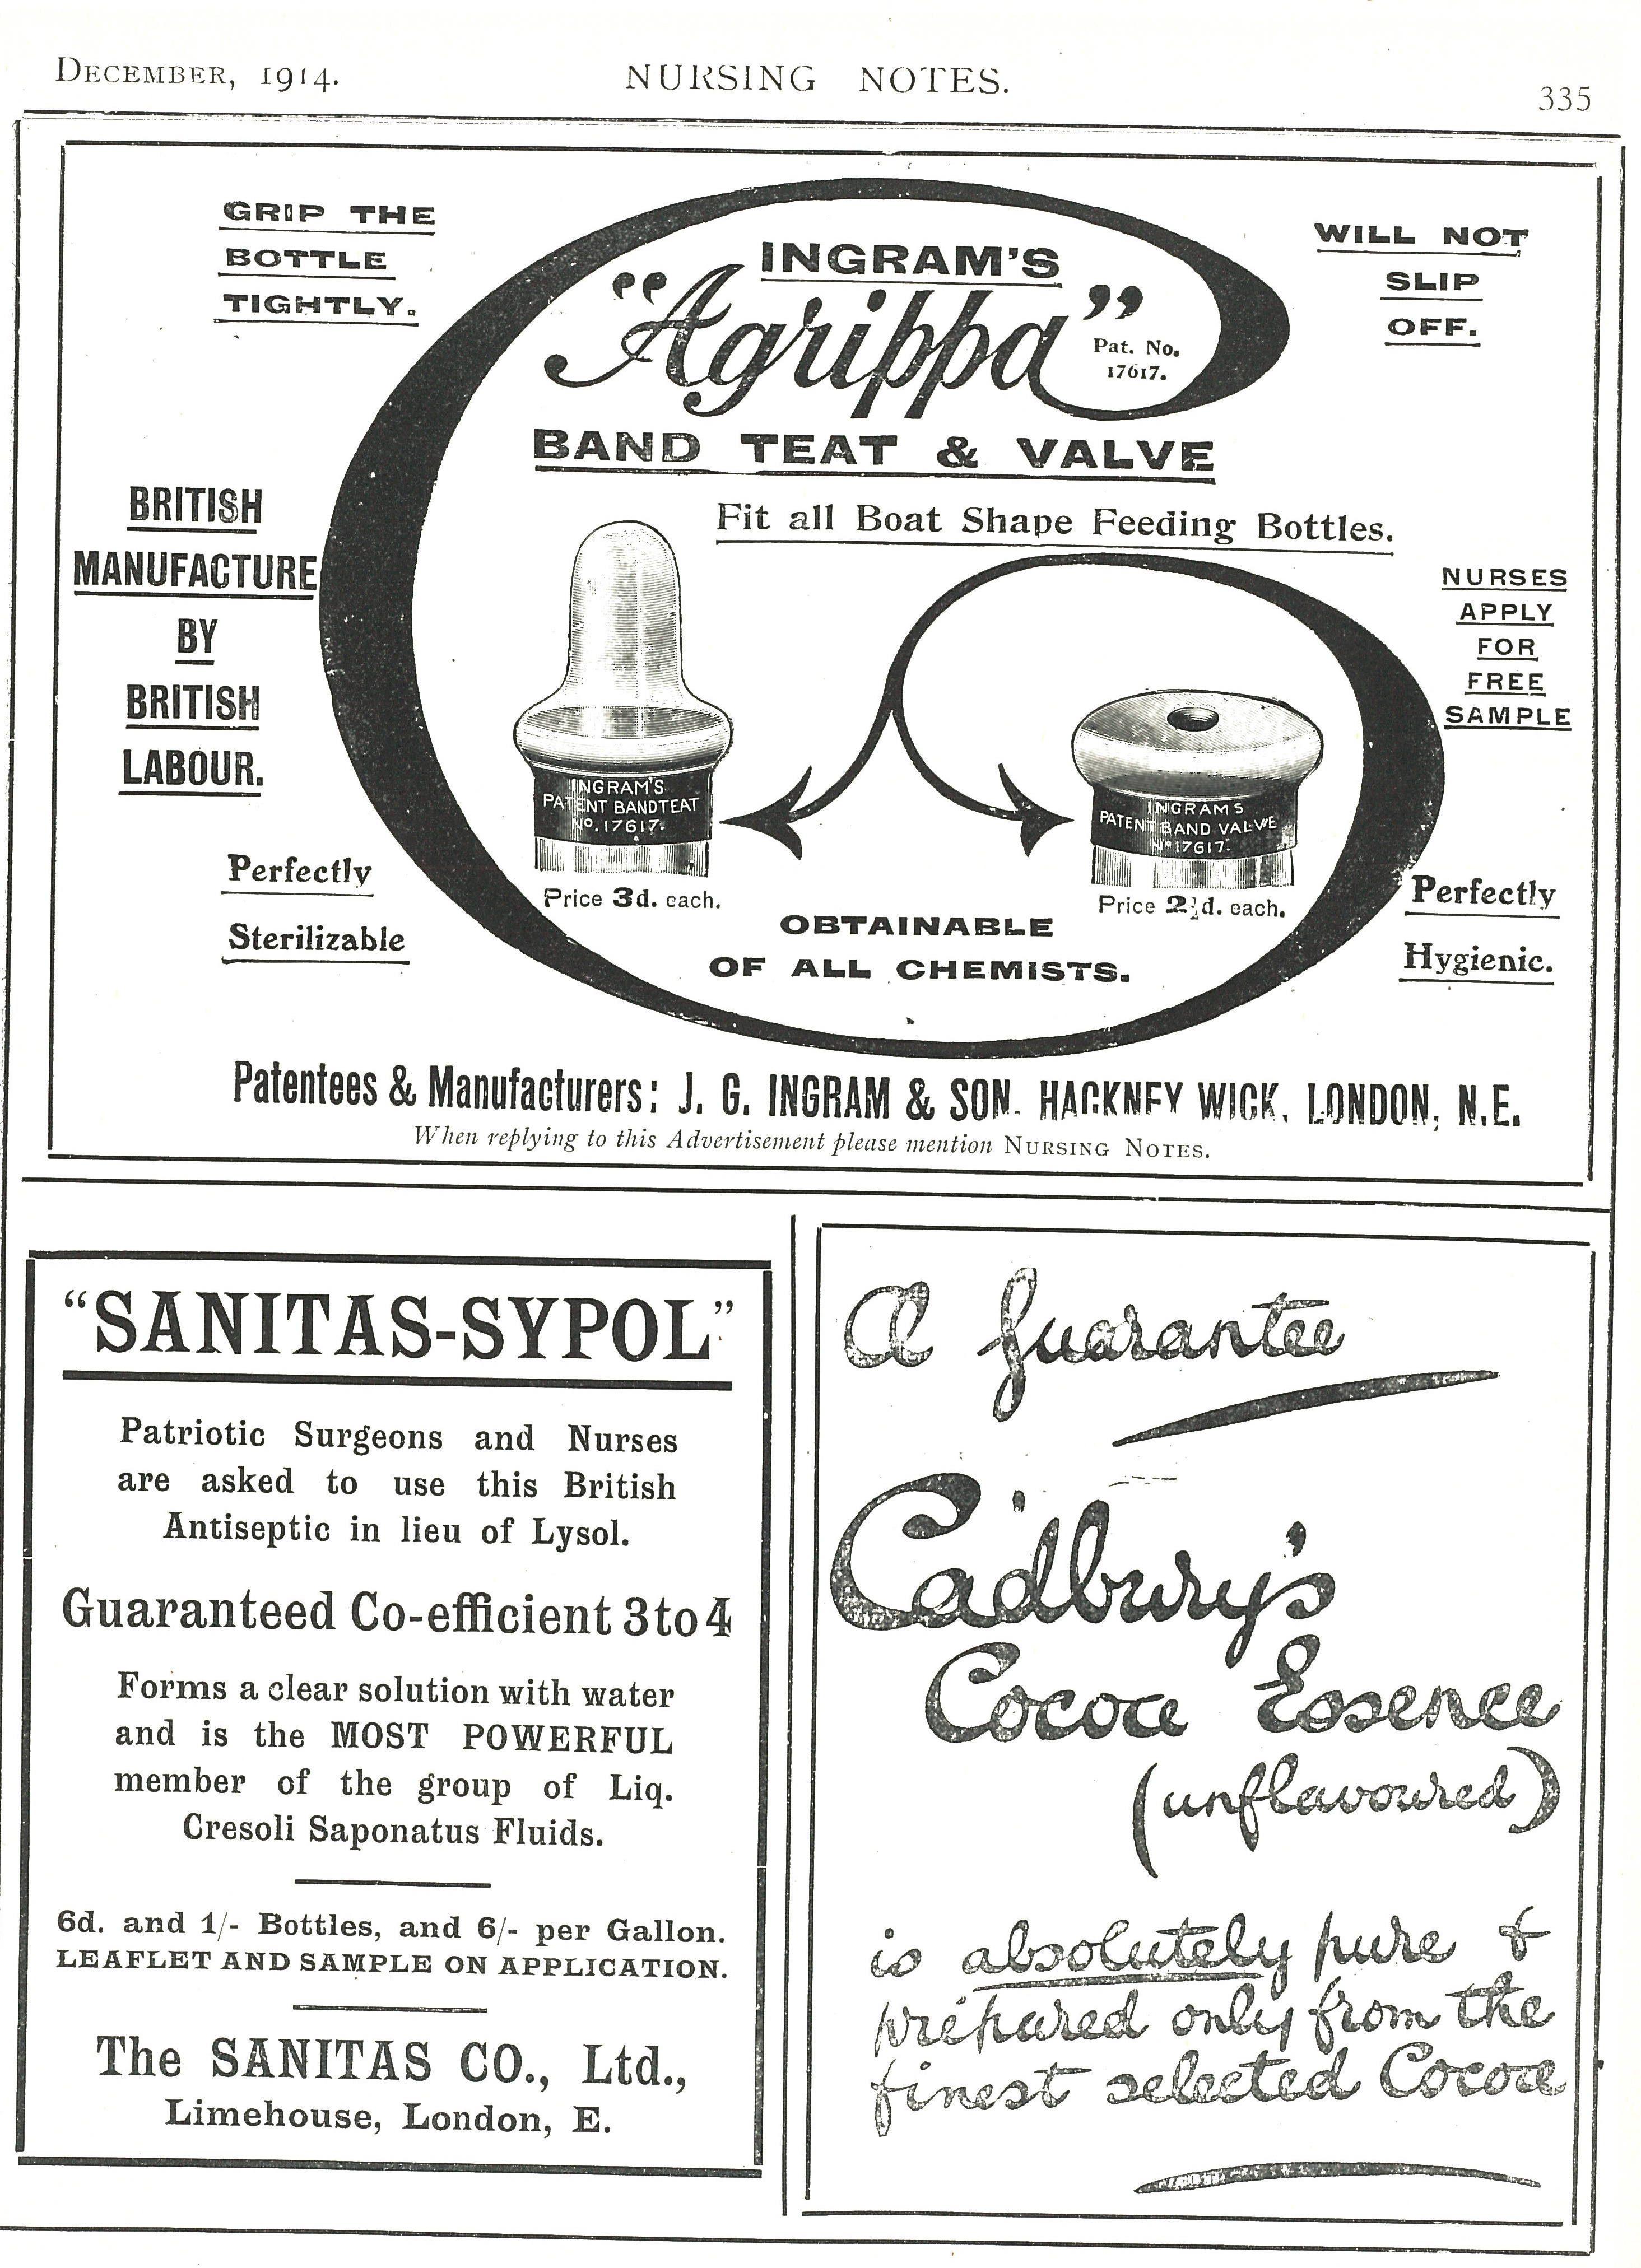 Nursing Notes, December 1914